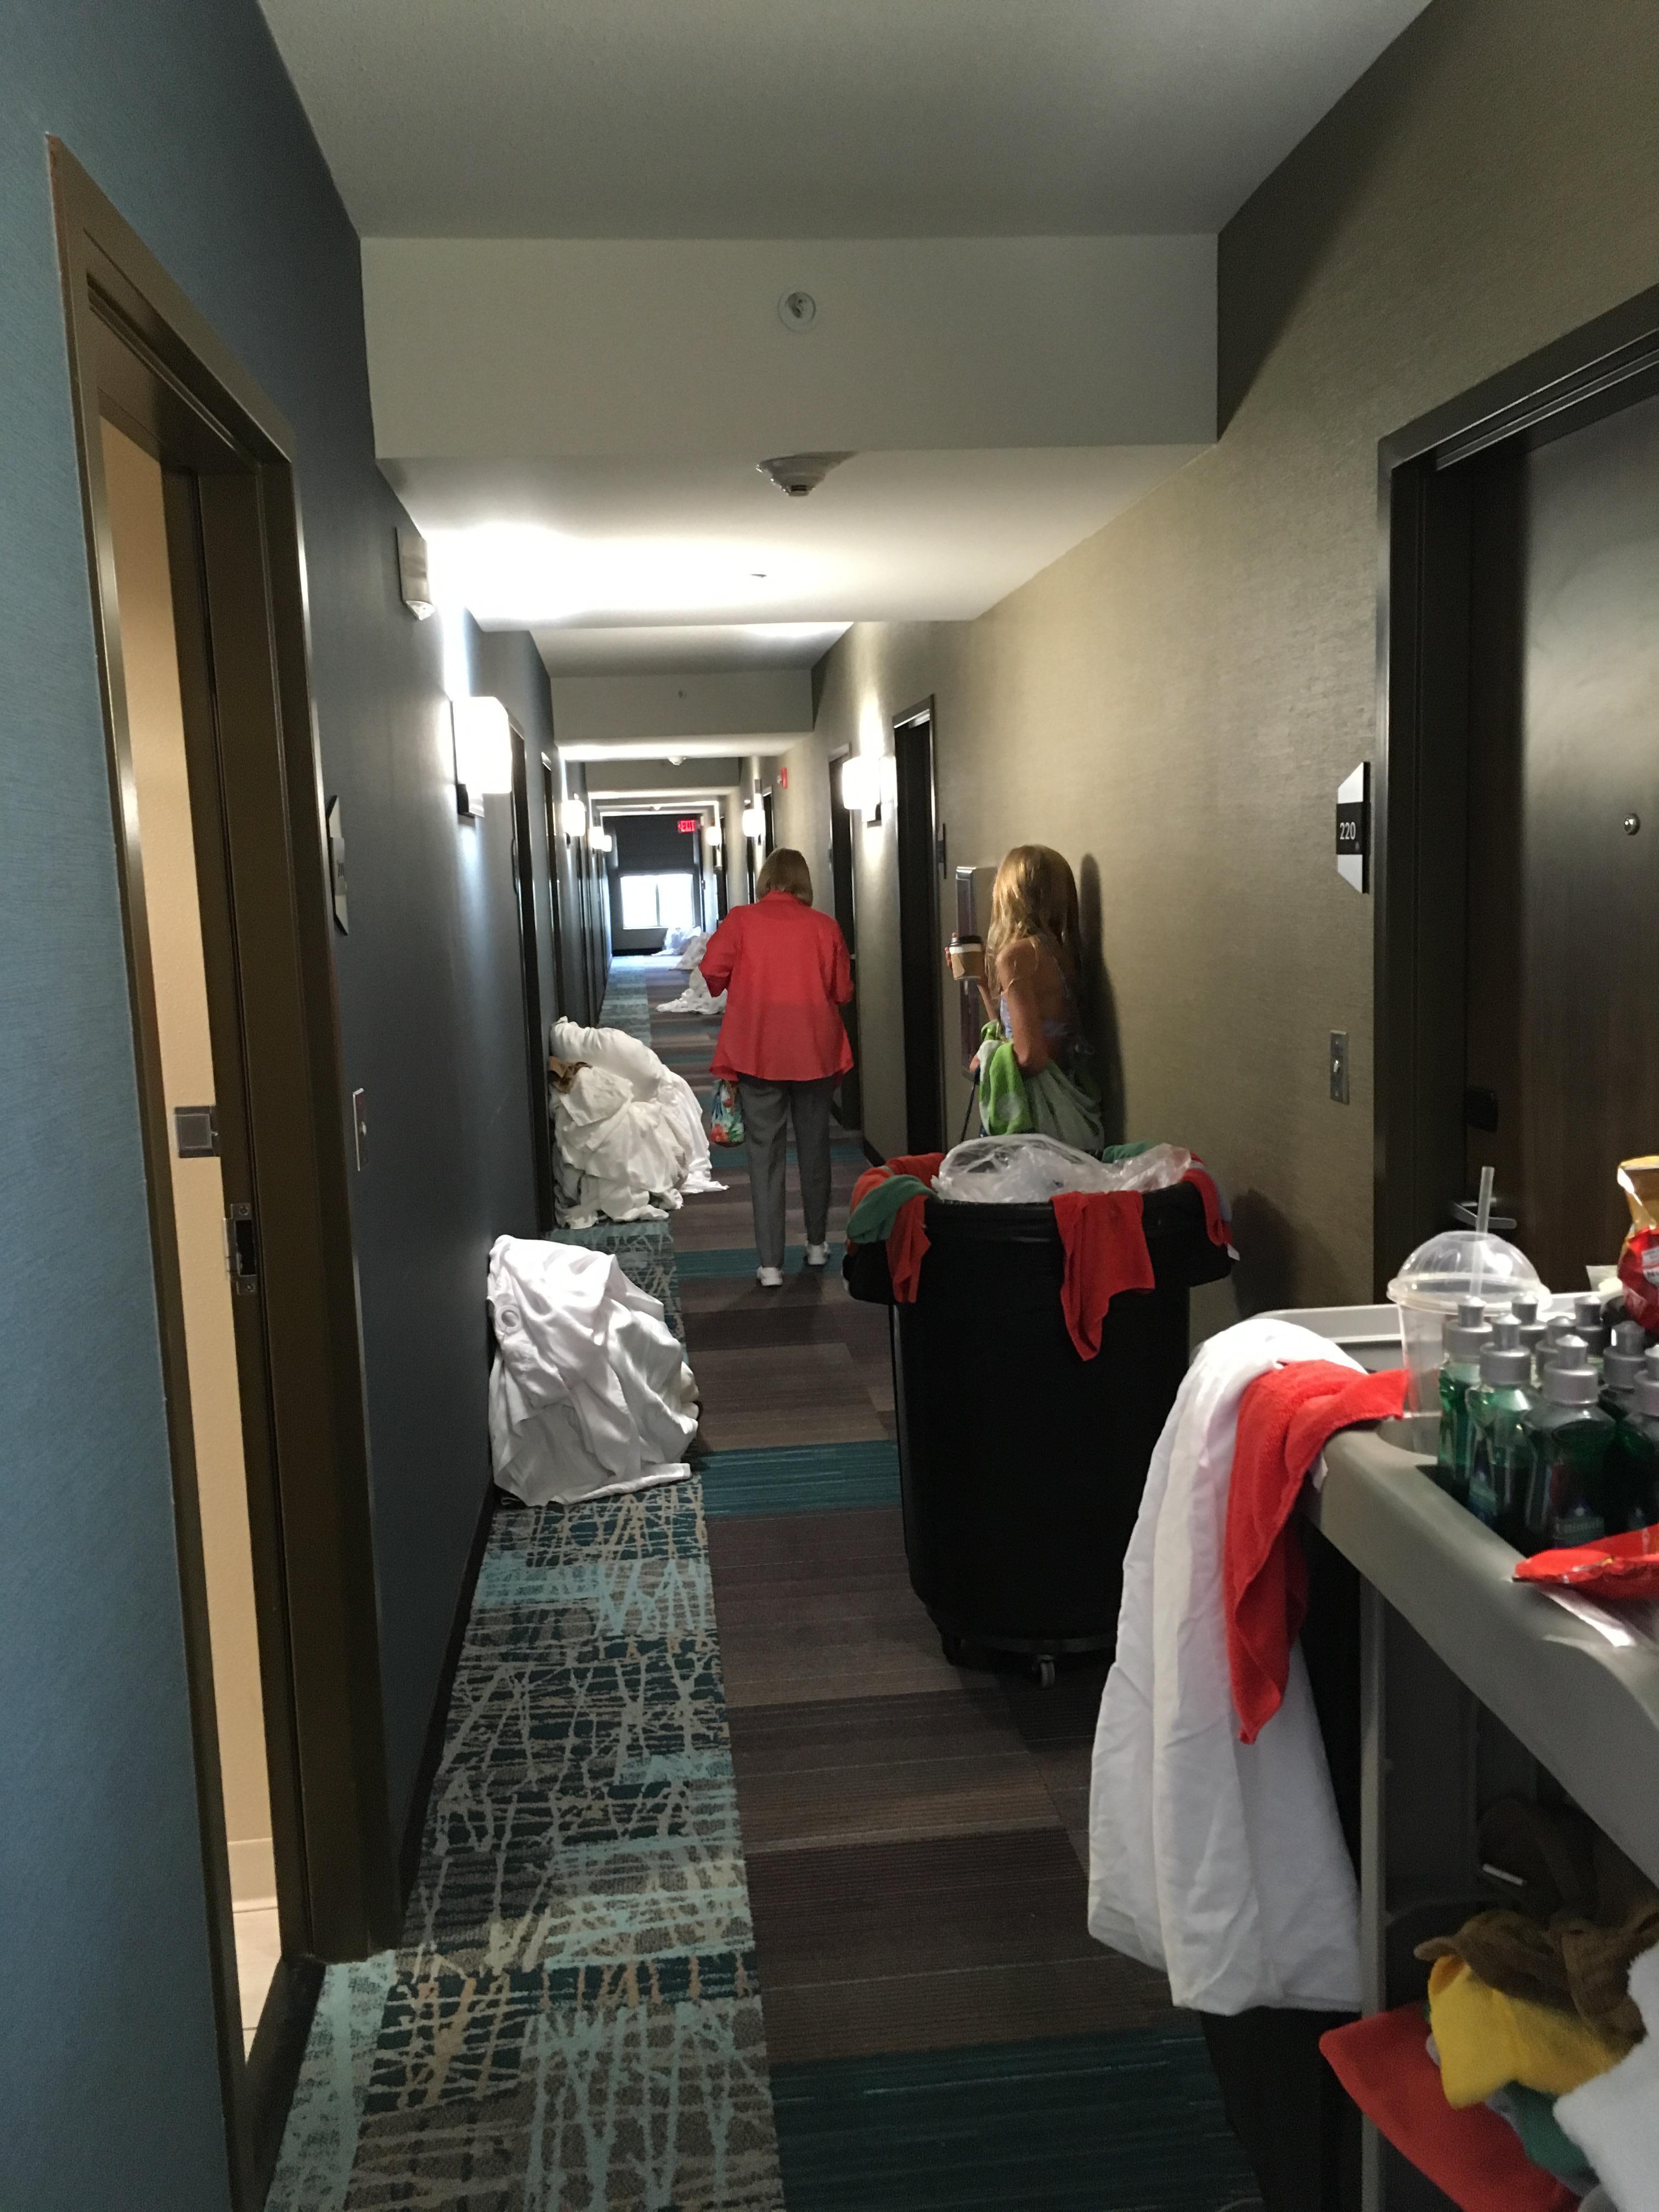 Hallway at 6pm